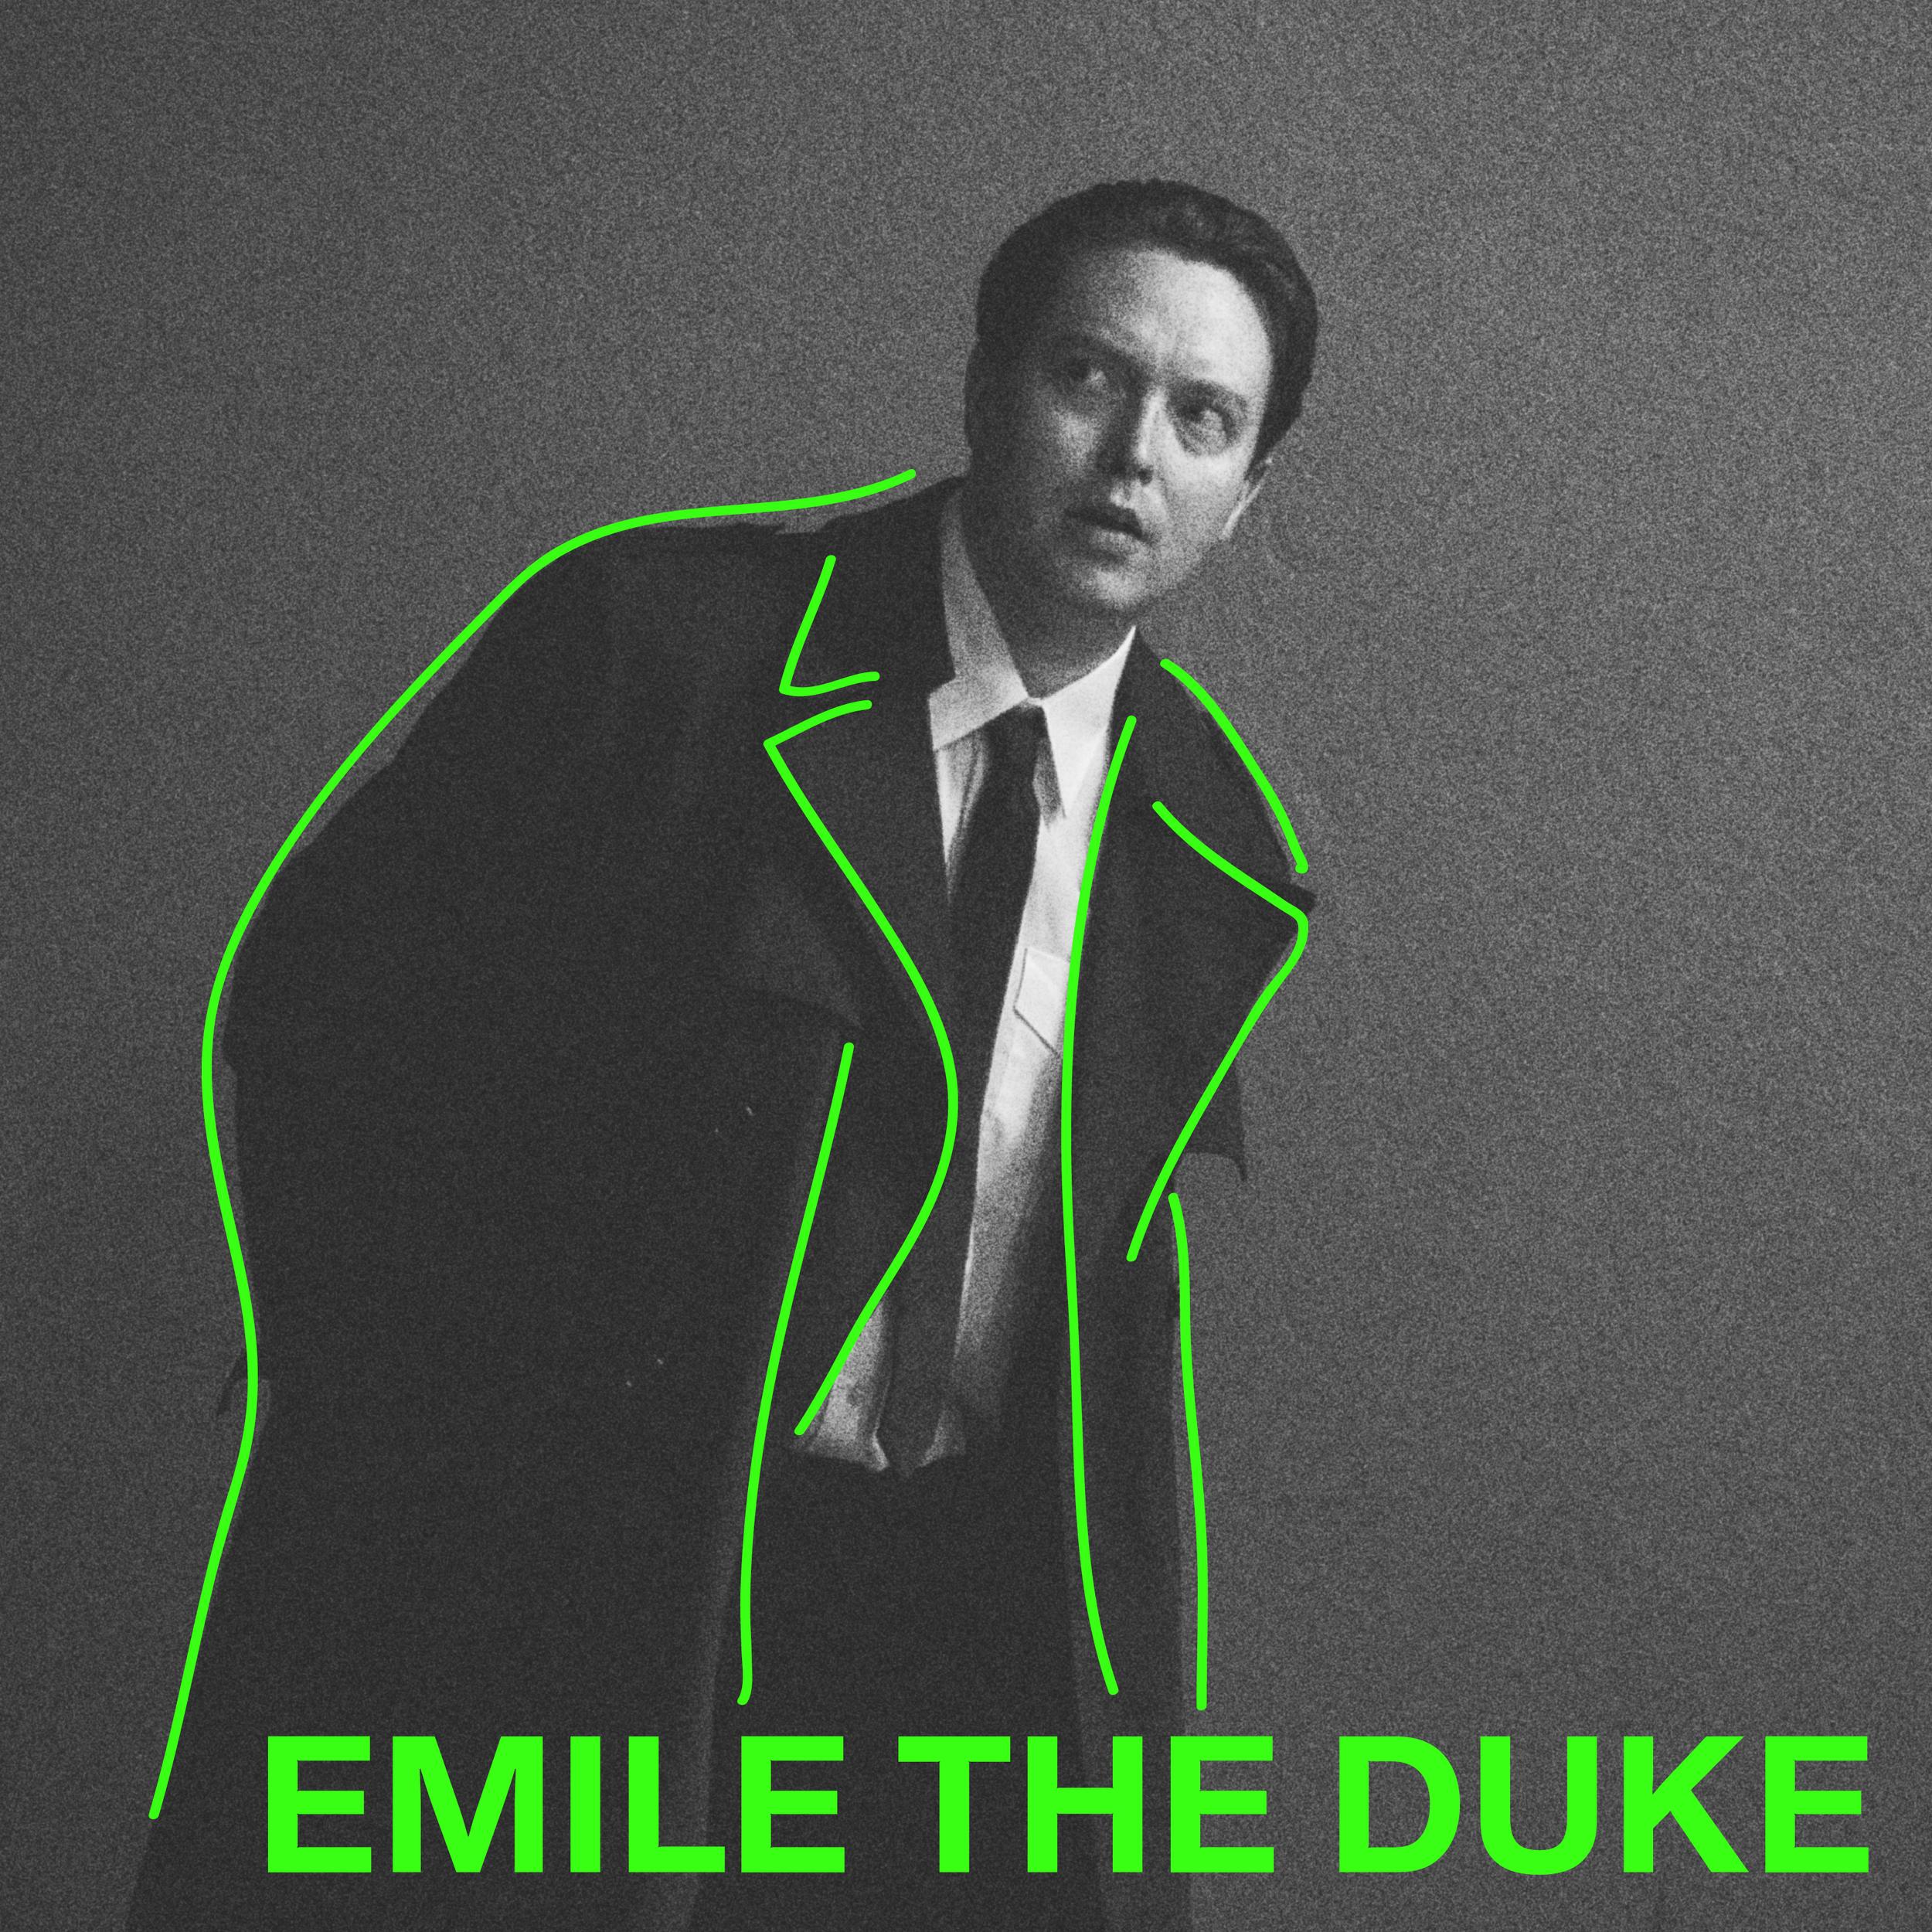 Emile The Duke